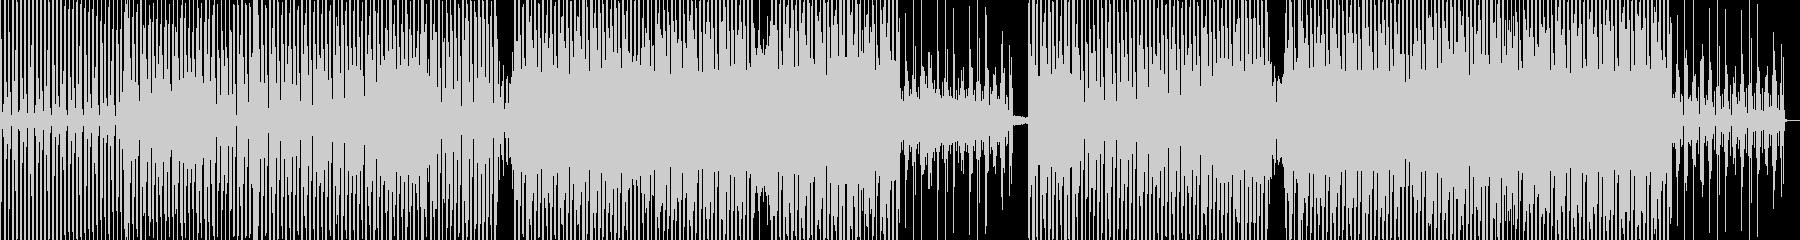 プログレッシブテック/ファンキーな...の未再生の波形